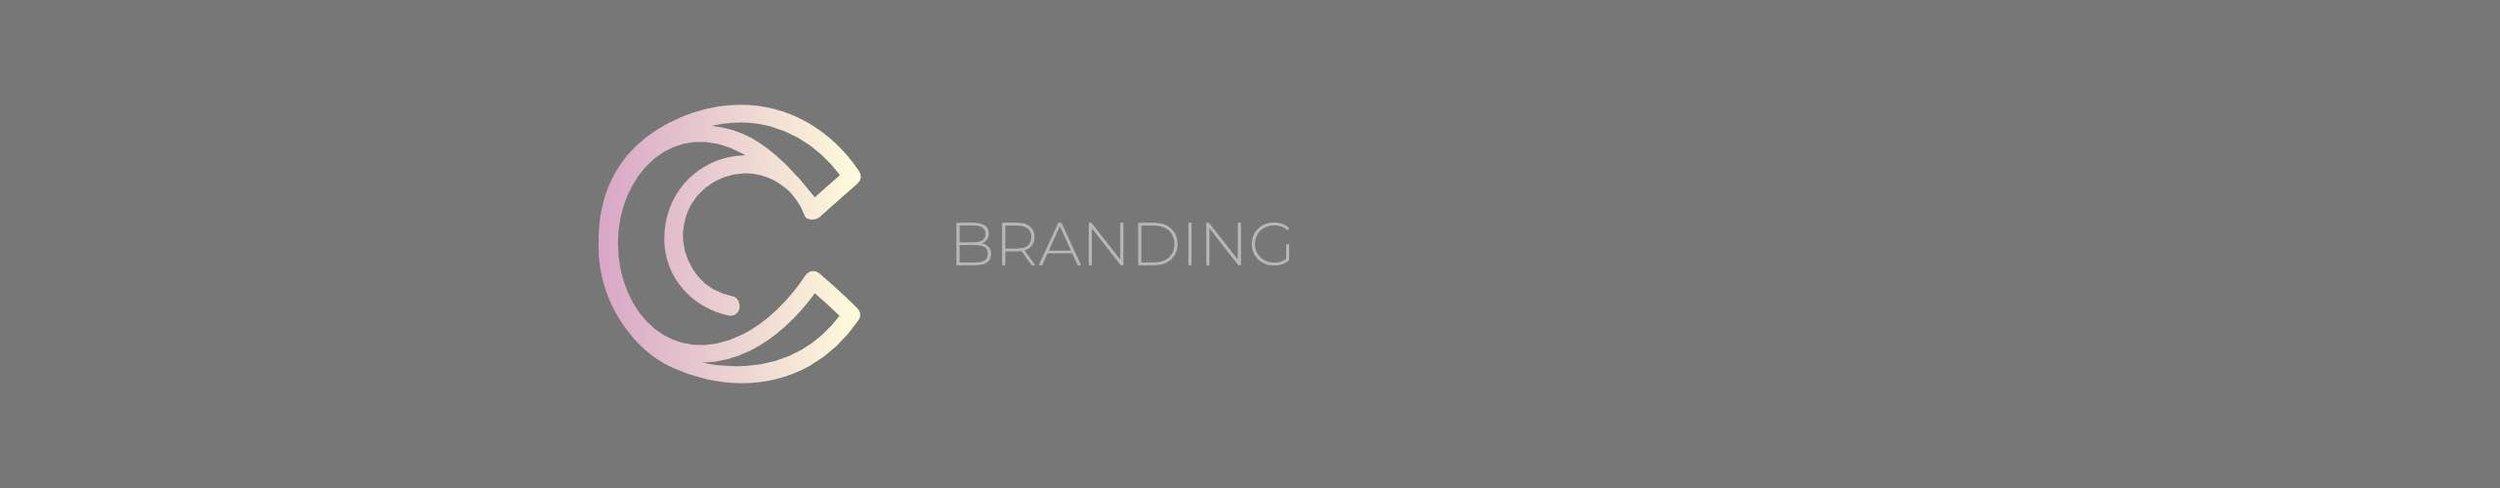 the-creative-co-branding-banner.jpg